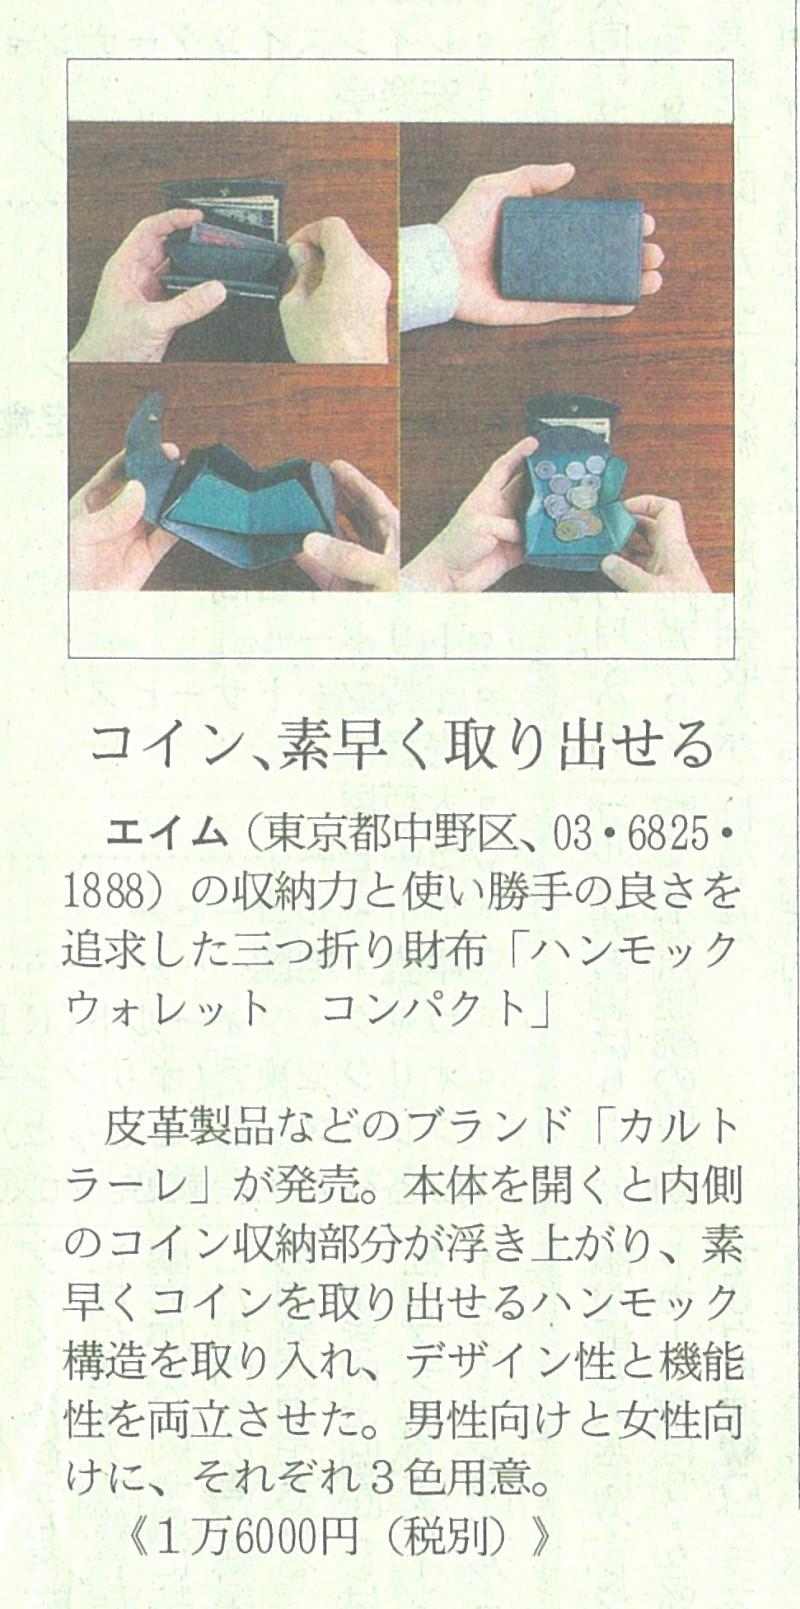 27.11.23紙面記事